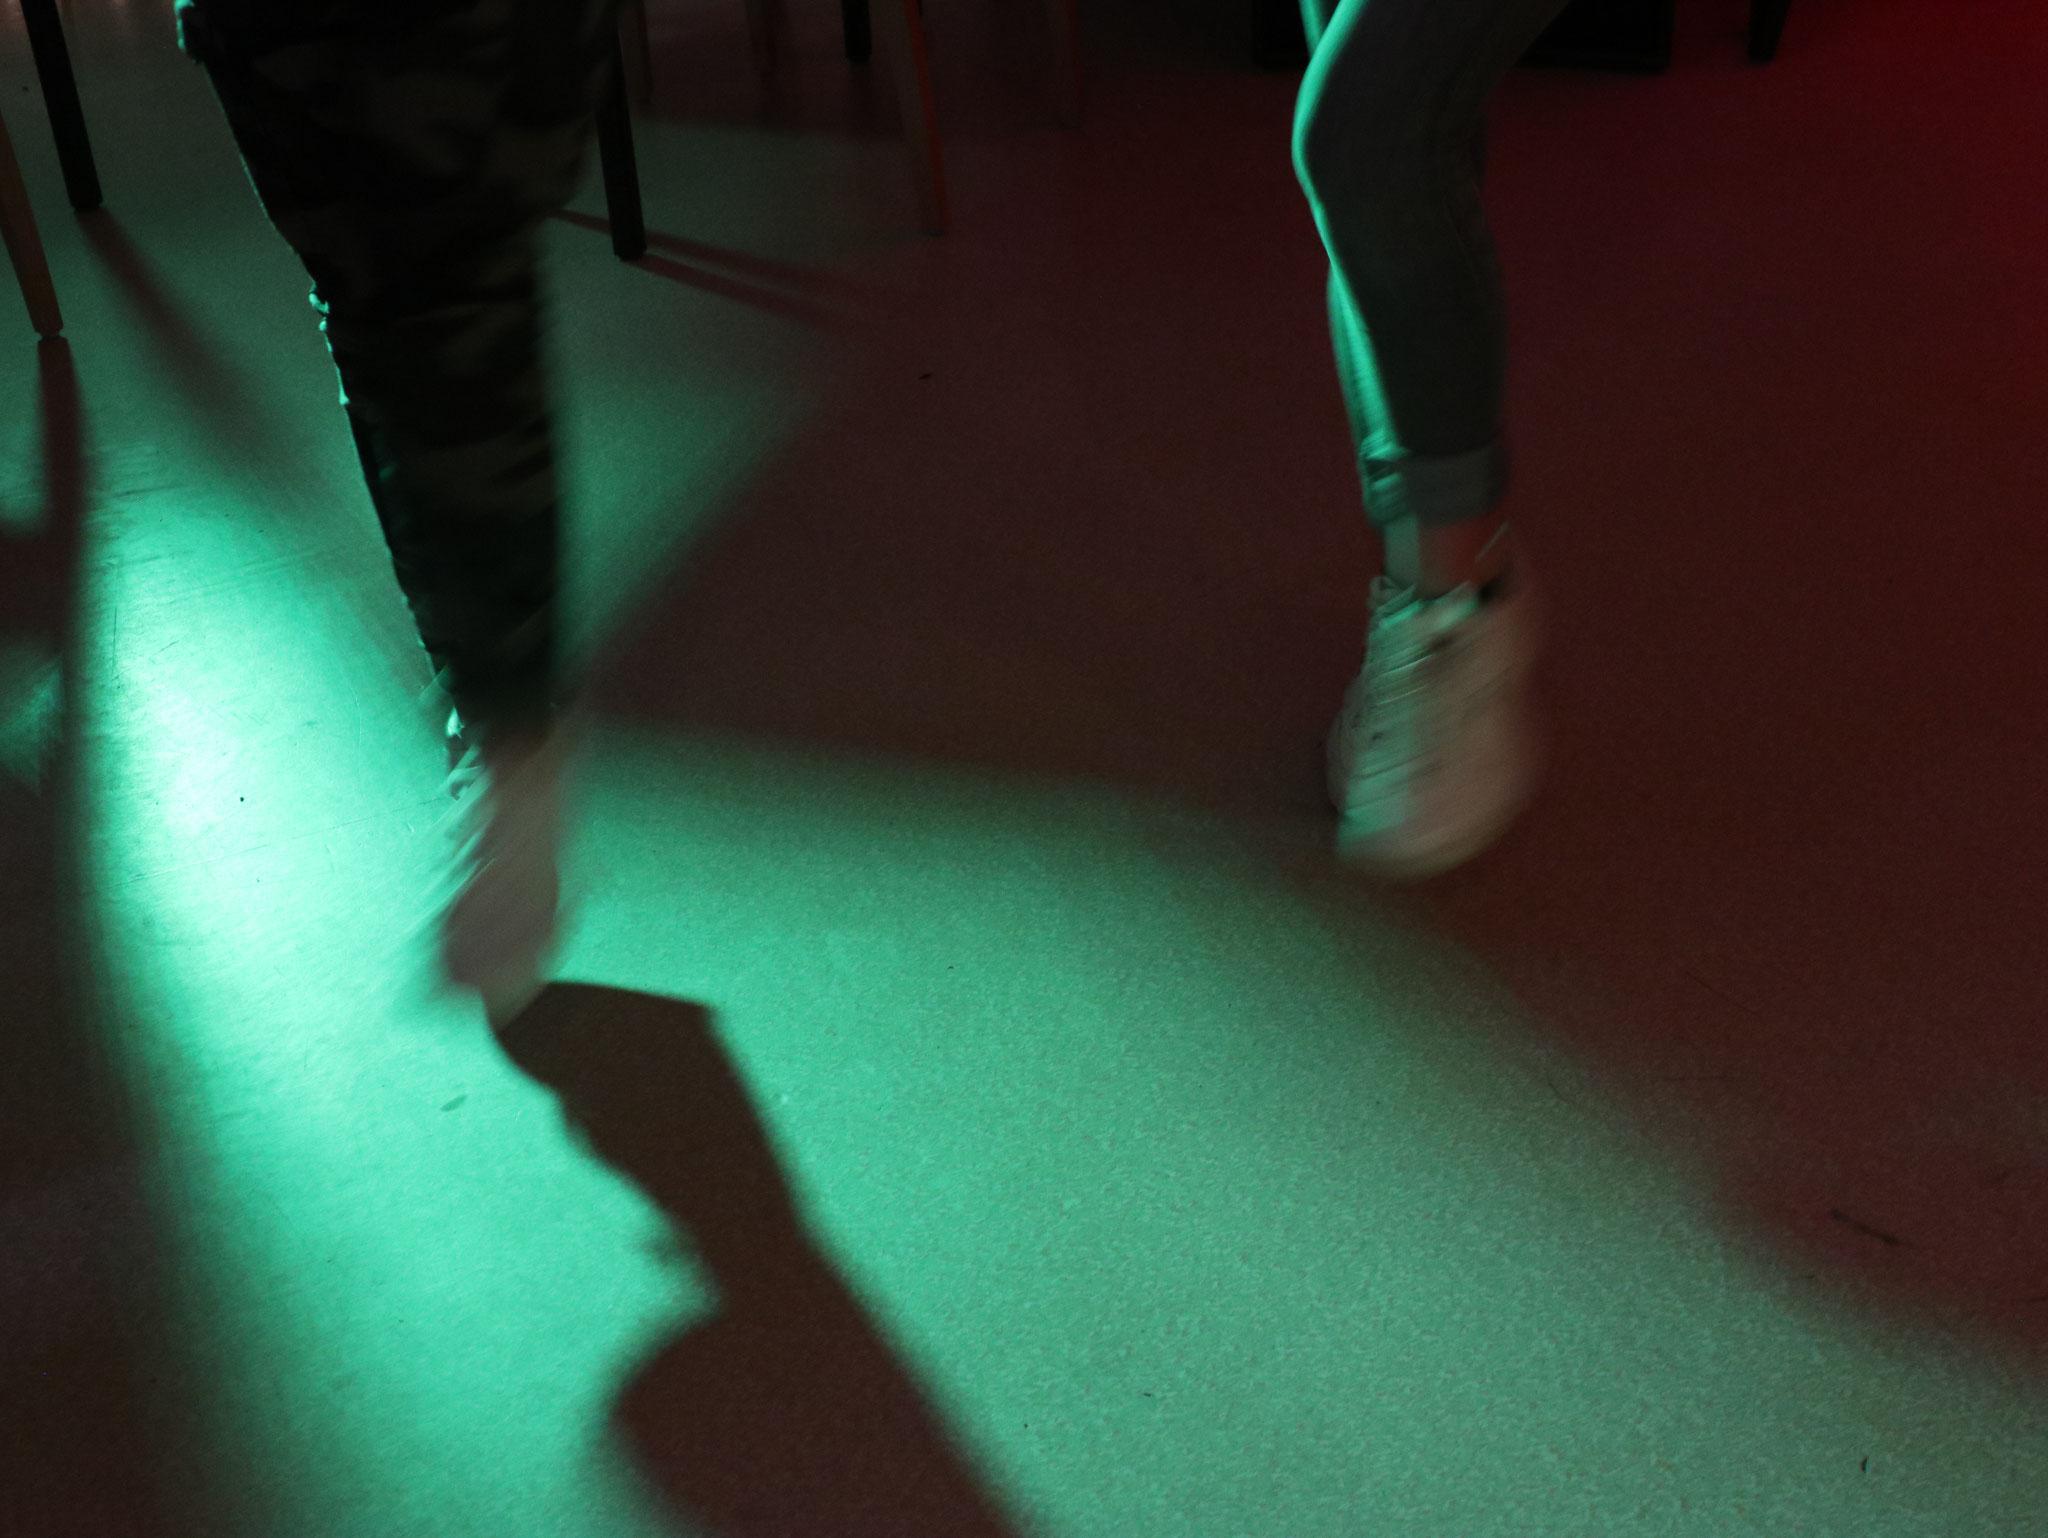 Tanzschritte im Disco-Licht